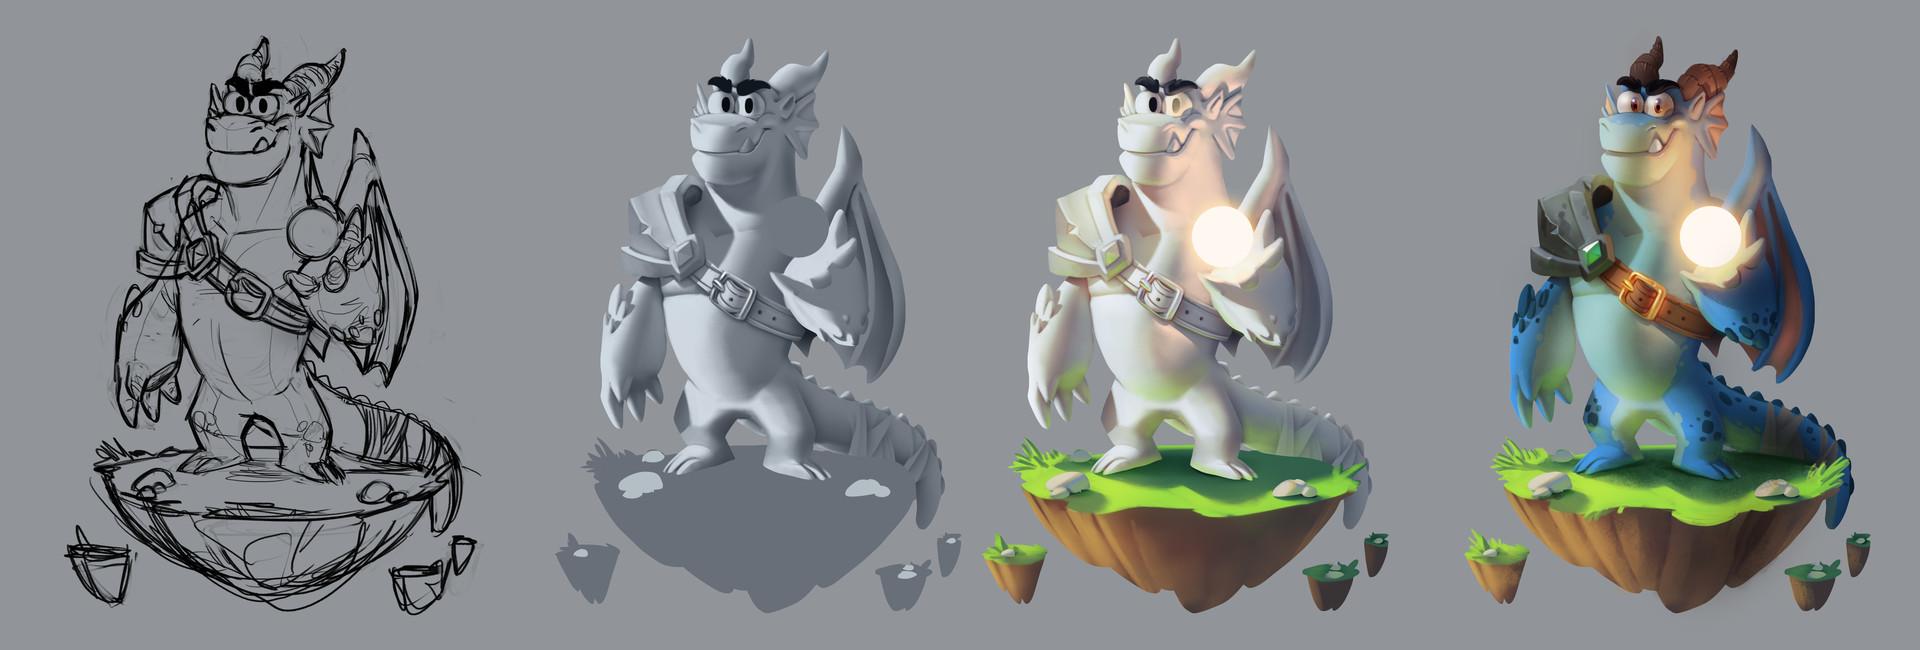 Guilherme freitas tecnica do dragao branco